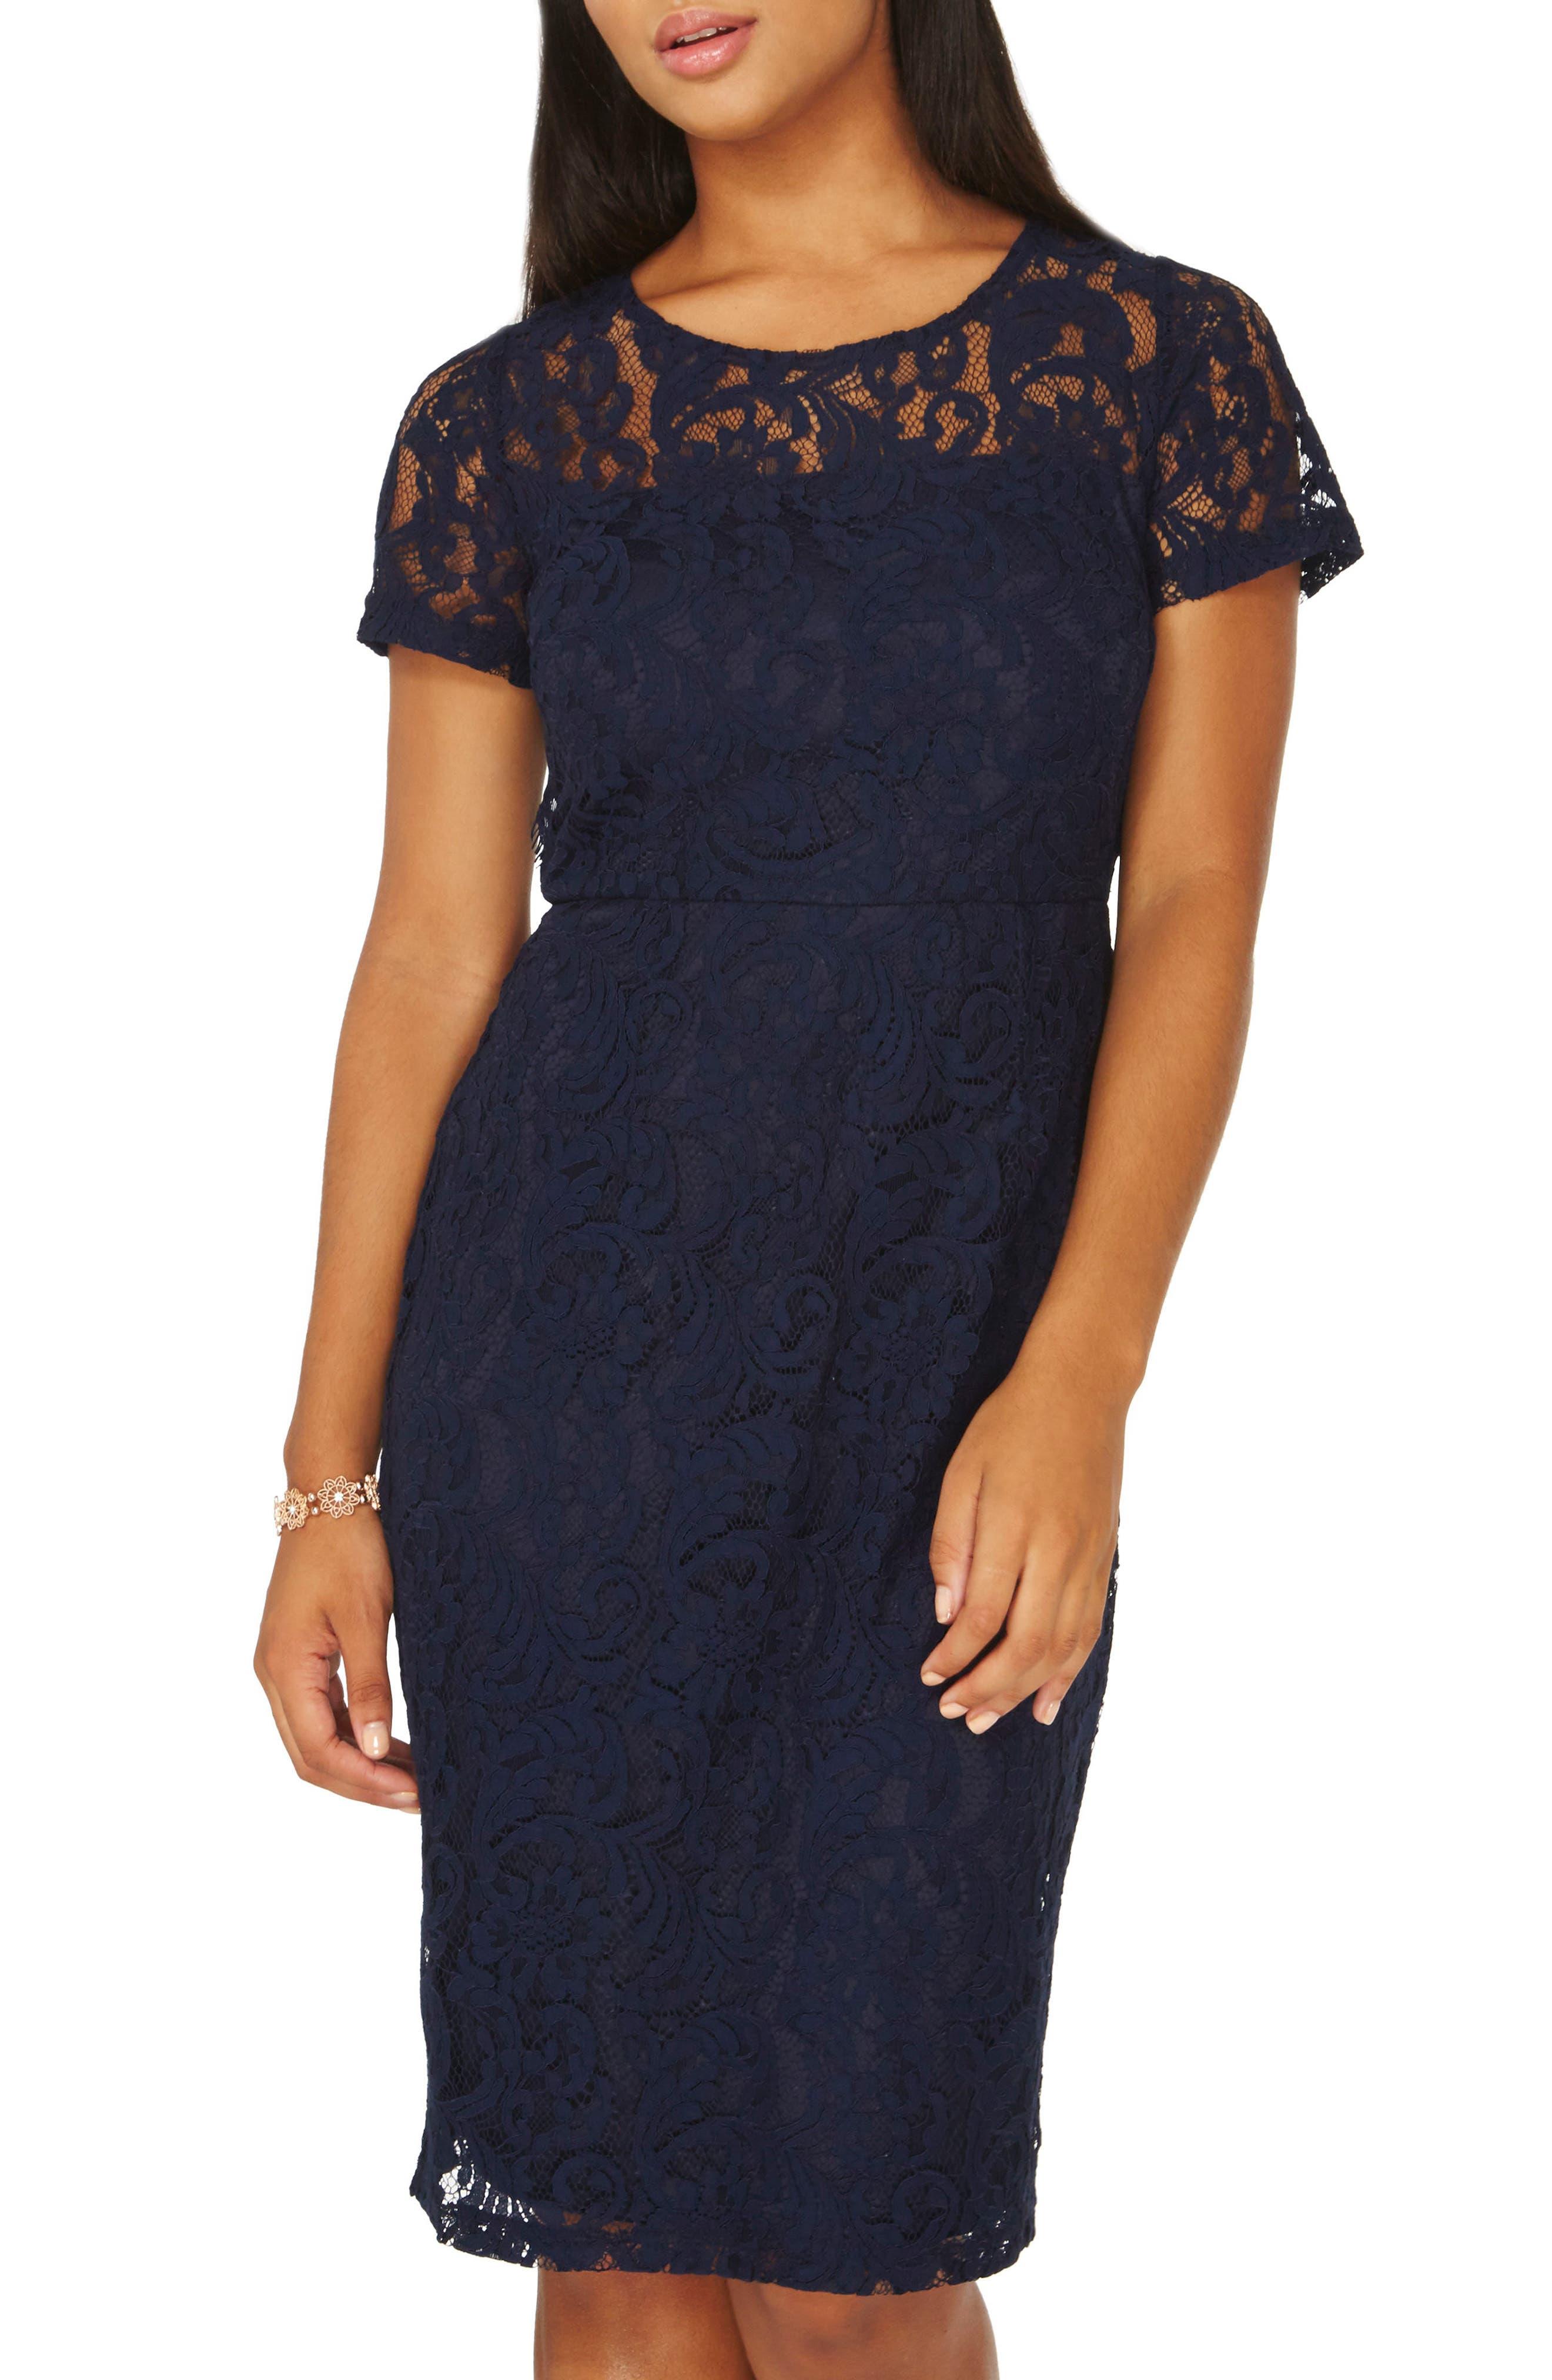 Lace Pencil Dress,                             Main thumbnail 1, color,                             401